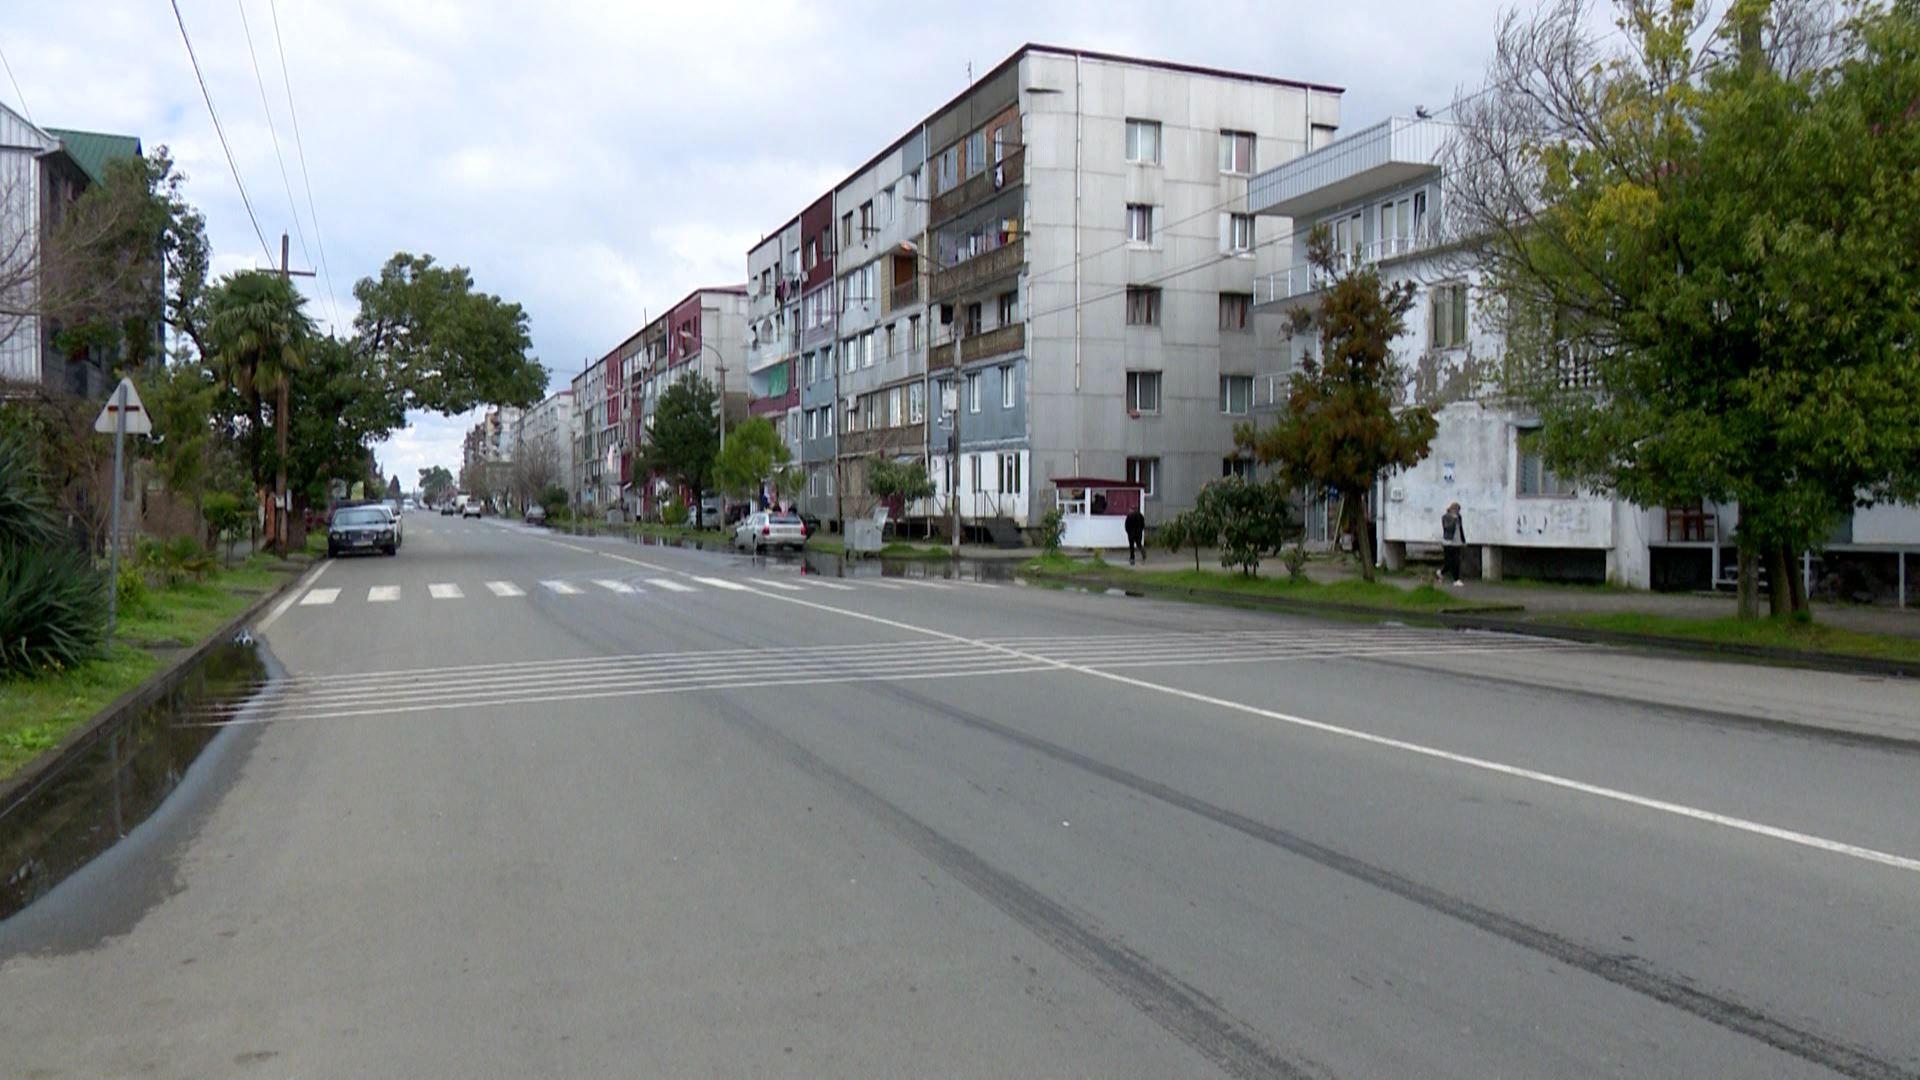 ქობულეთში, რუსთაველის ახლახან მოასფალტებულ ქუჩას სავარაუდოდ მალე ისევ გადათხრიან